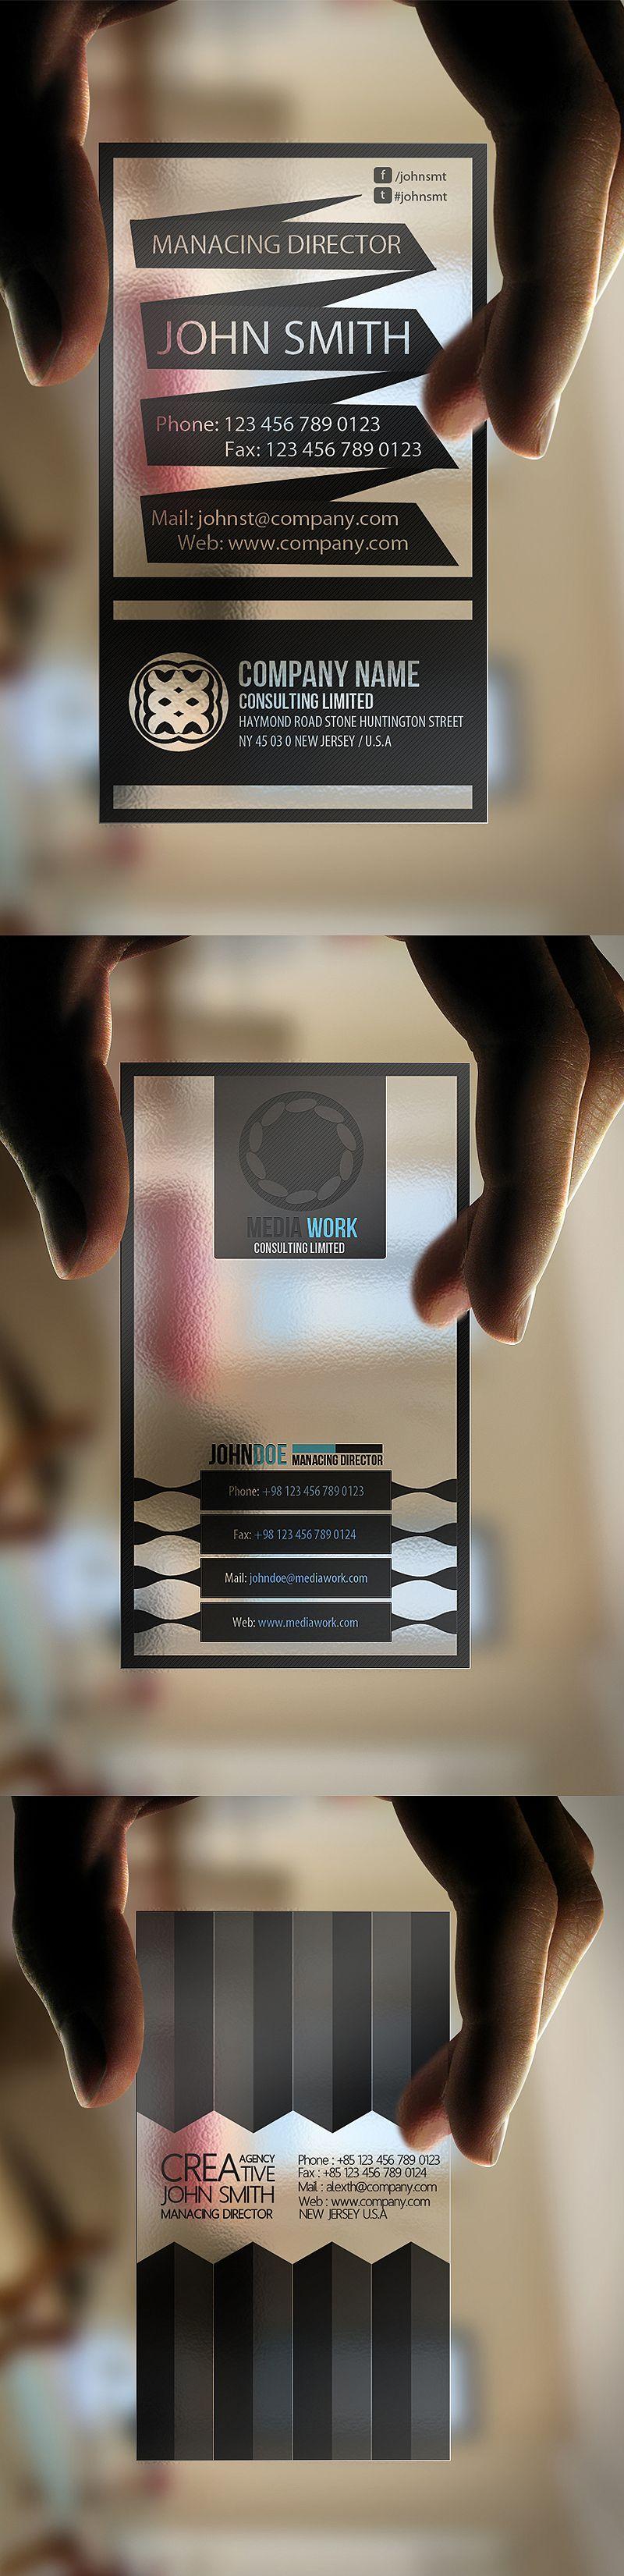 transparent business cards quieres una tarjeta o esta con